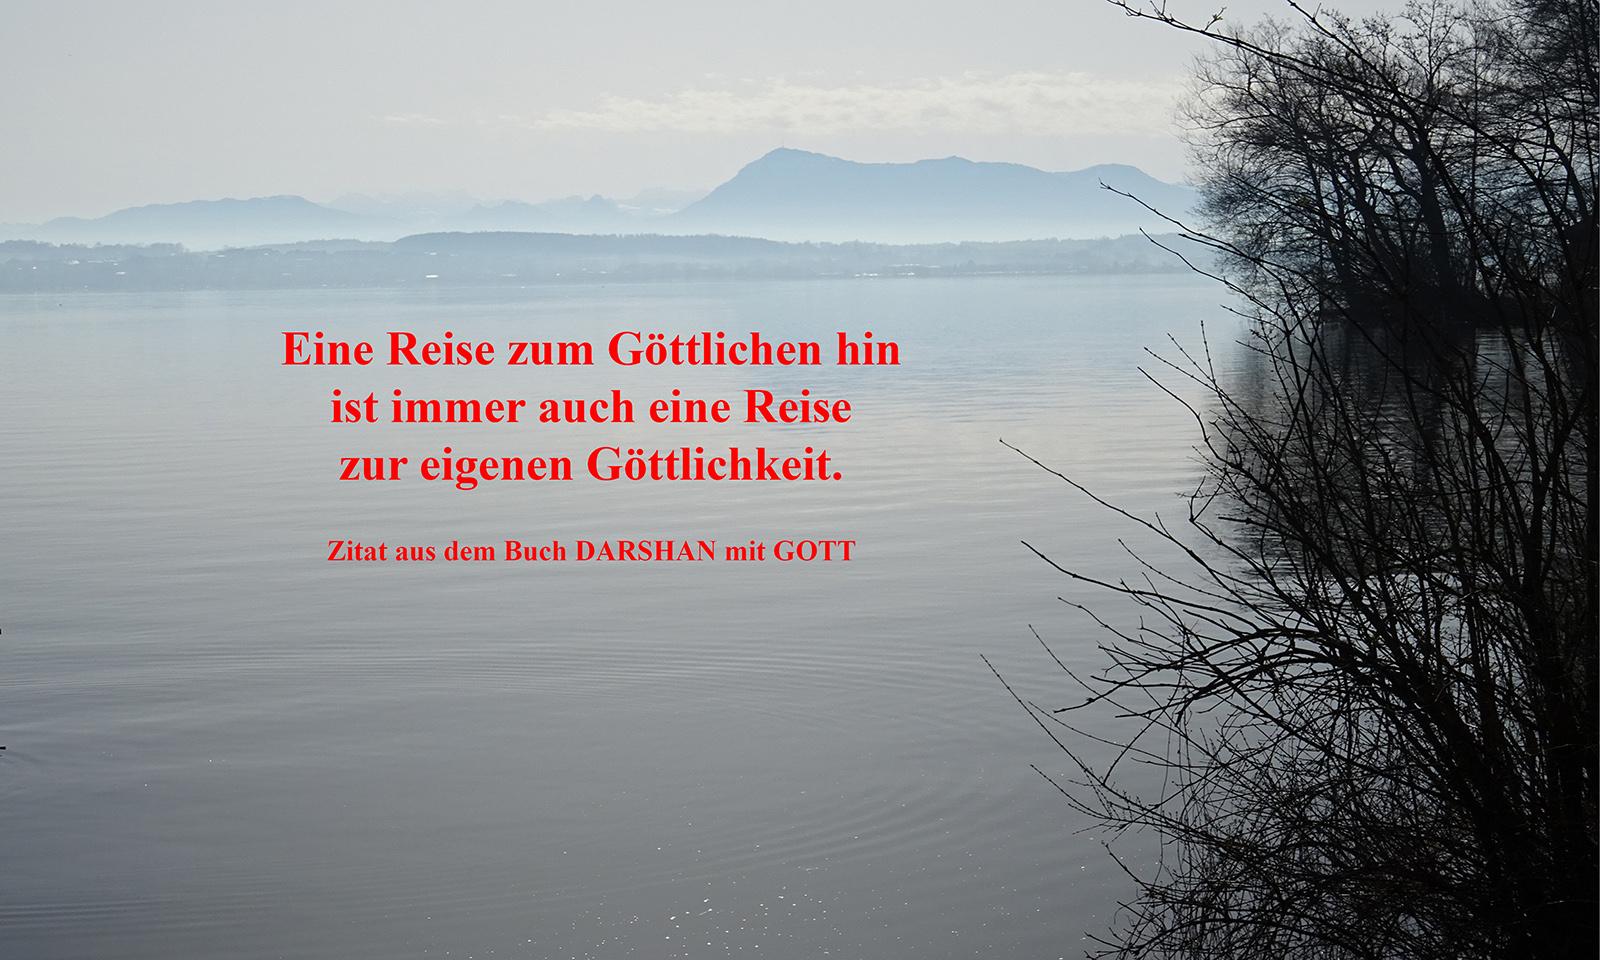 DARSHAN mit GOTT: K2: Eine Reise zum Göttlichen hin ...